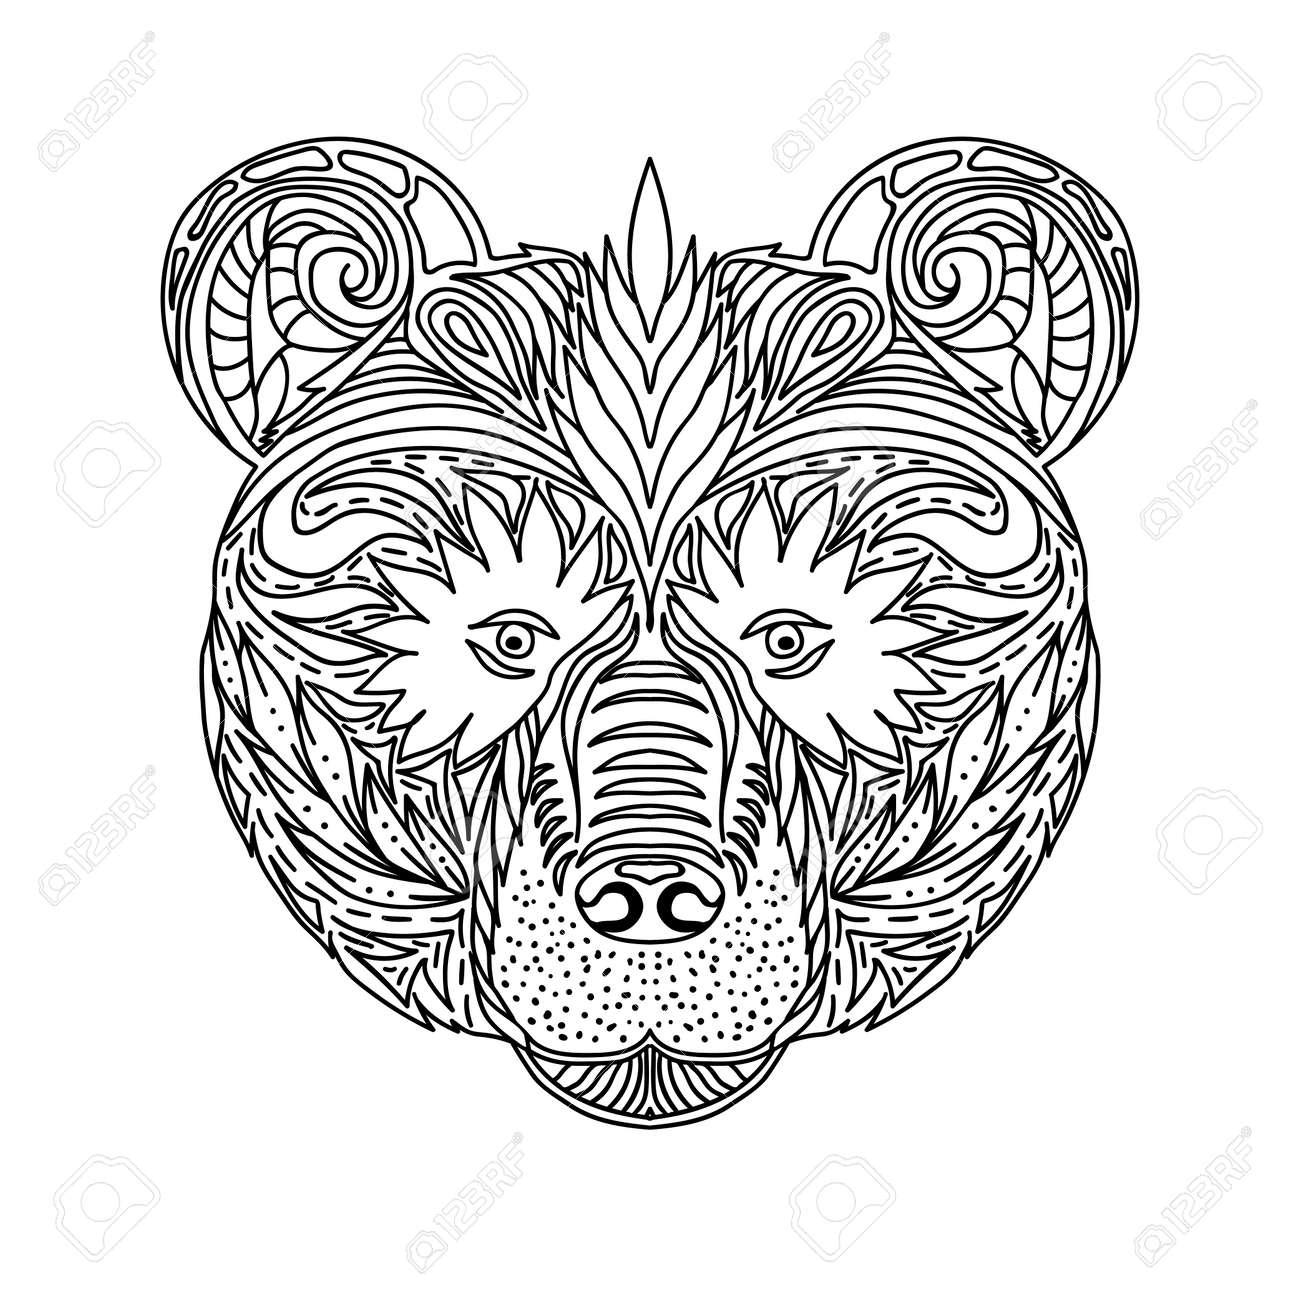 Ornamento Blanco Y Negro Se Enfrenta A La Bestia Salvaje Del Oso Bosque Diseño De Encaje Ornamental Página De Libros Para Colorear Para Adultos